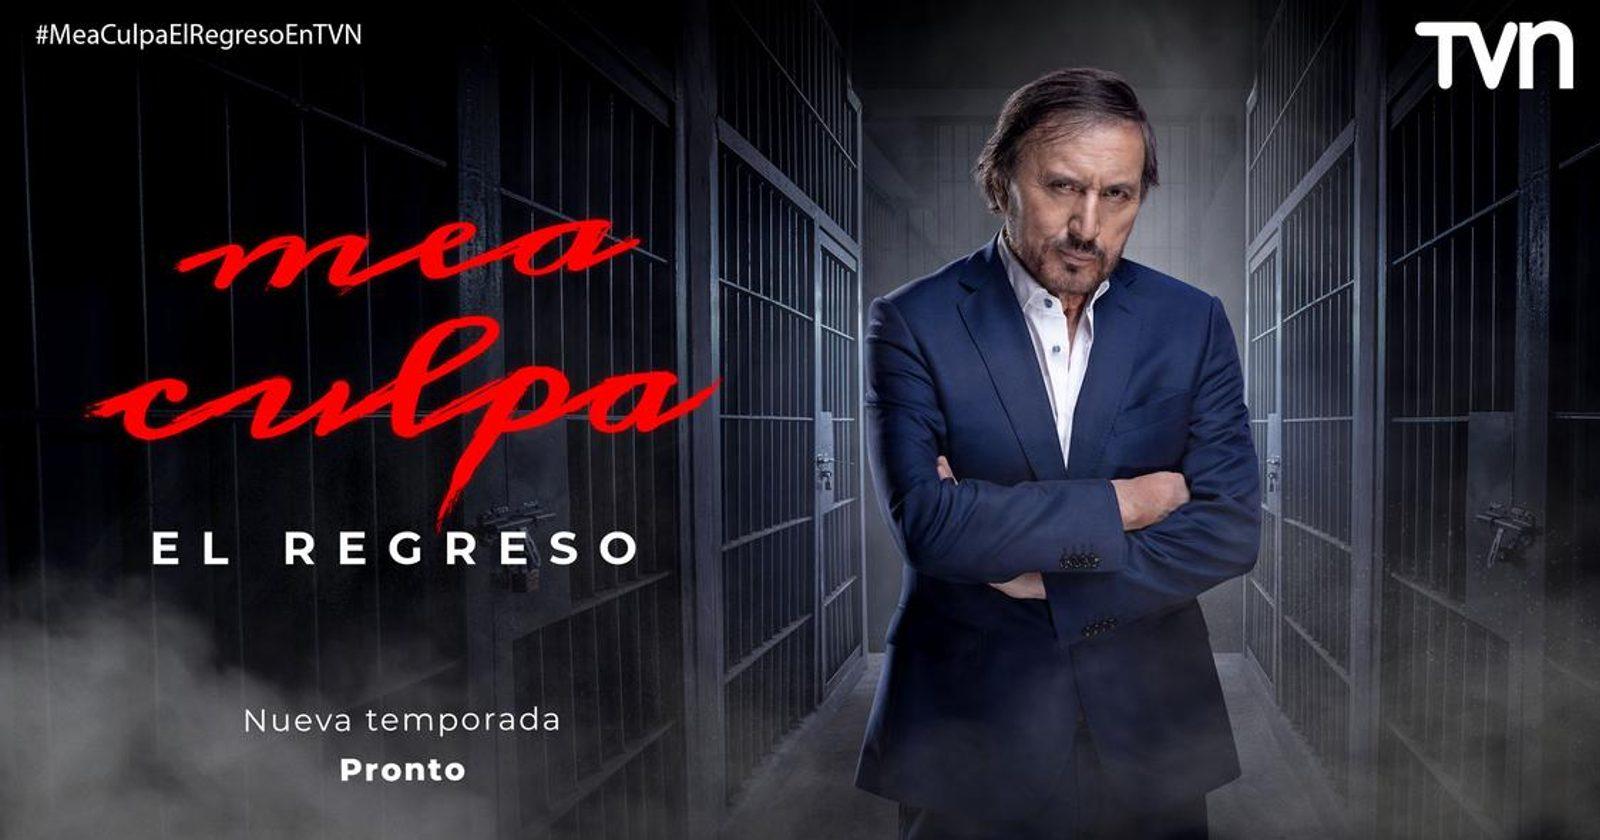 Mea Culpa El Regreso Carlos Pinto